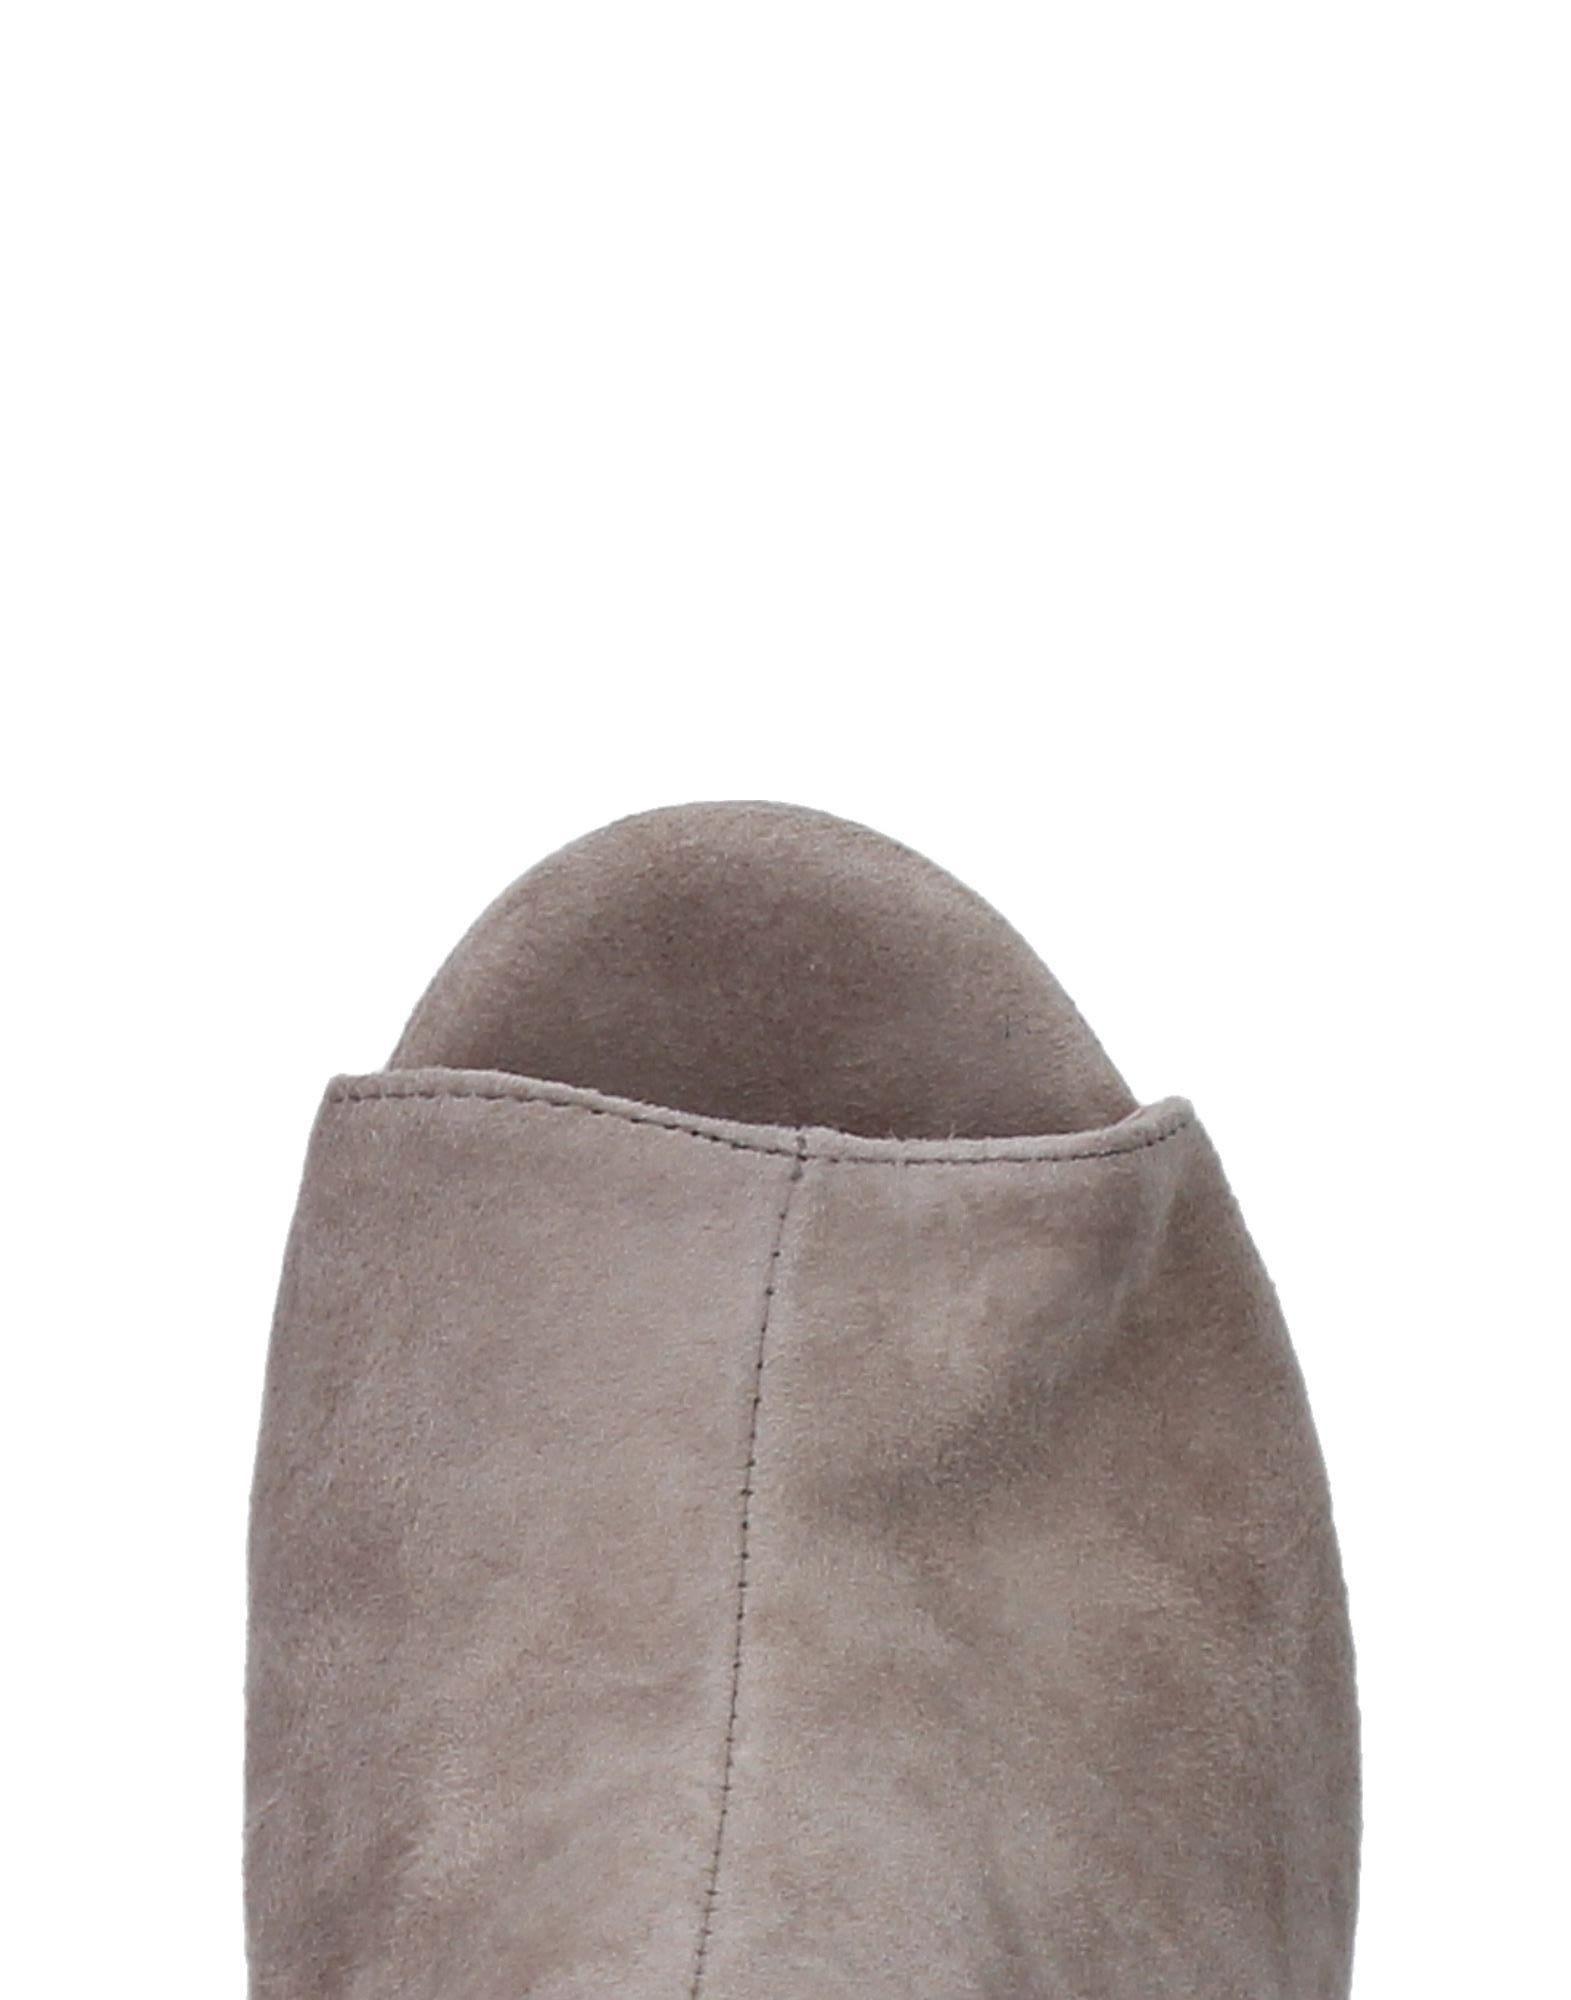 Jeffrey Campbell Sandalen Damen Schuhe  11259113FN Neue Schuhe Damen ba1ace